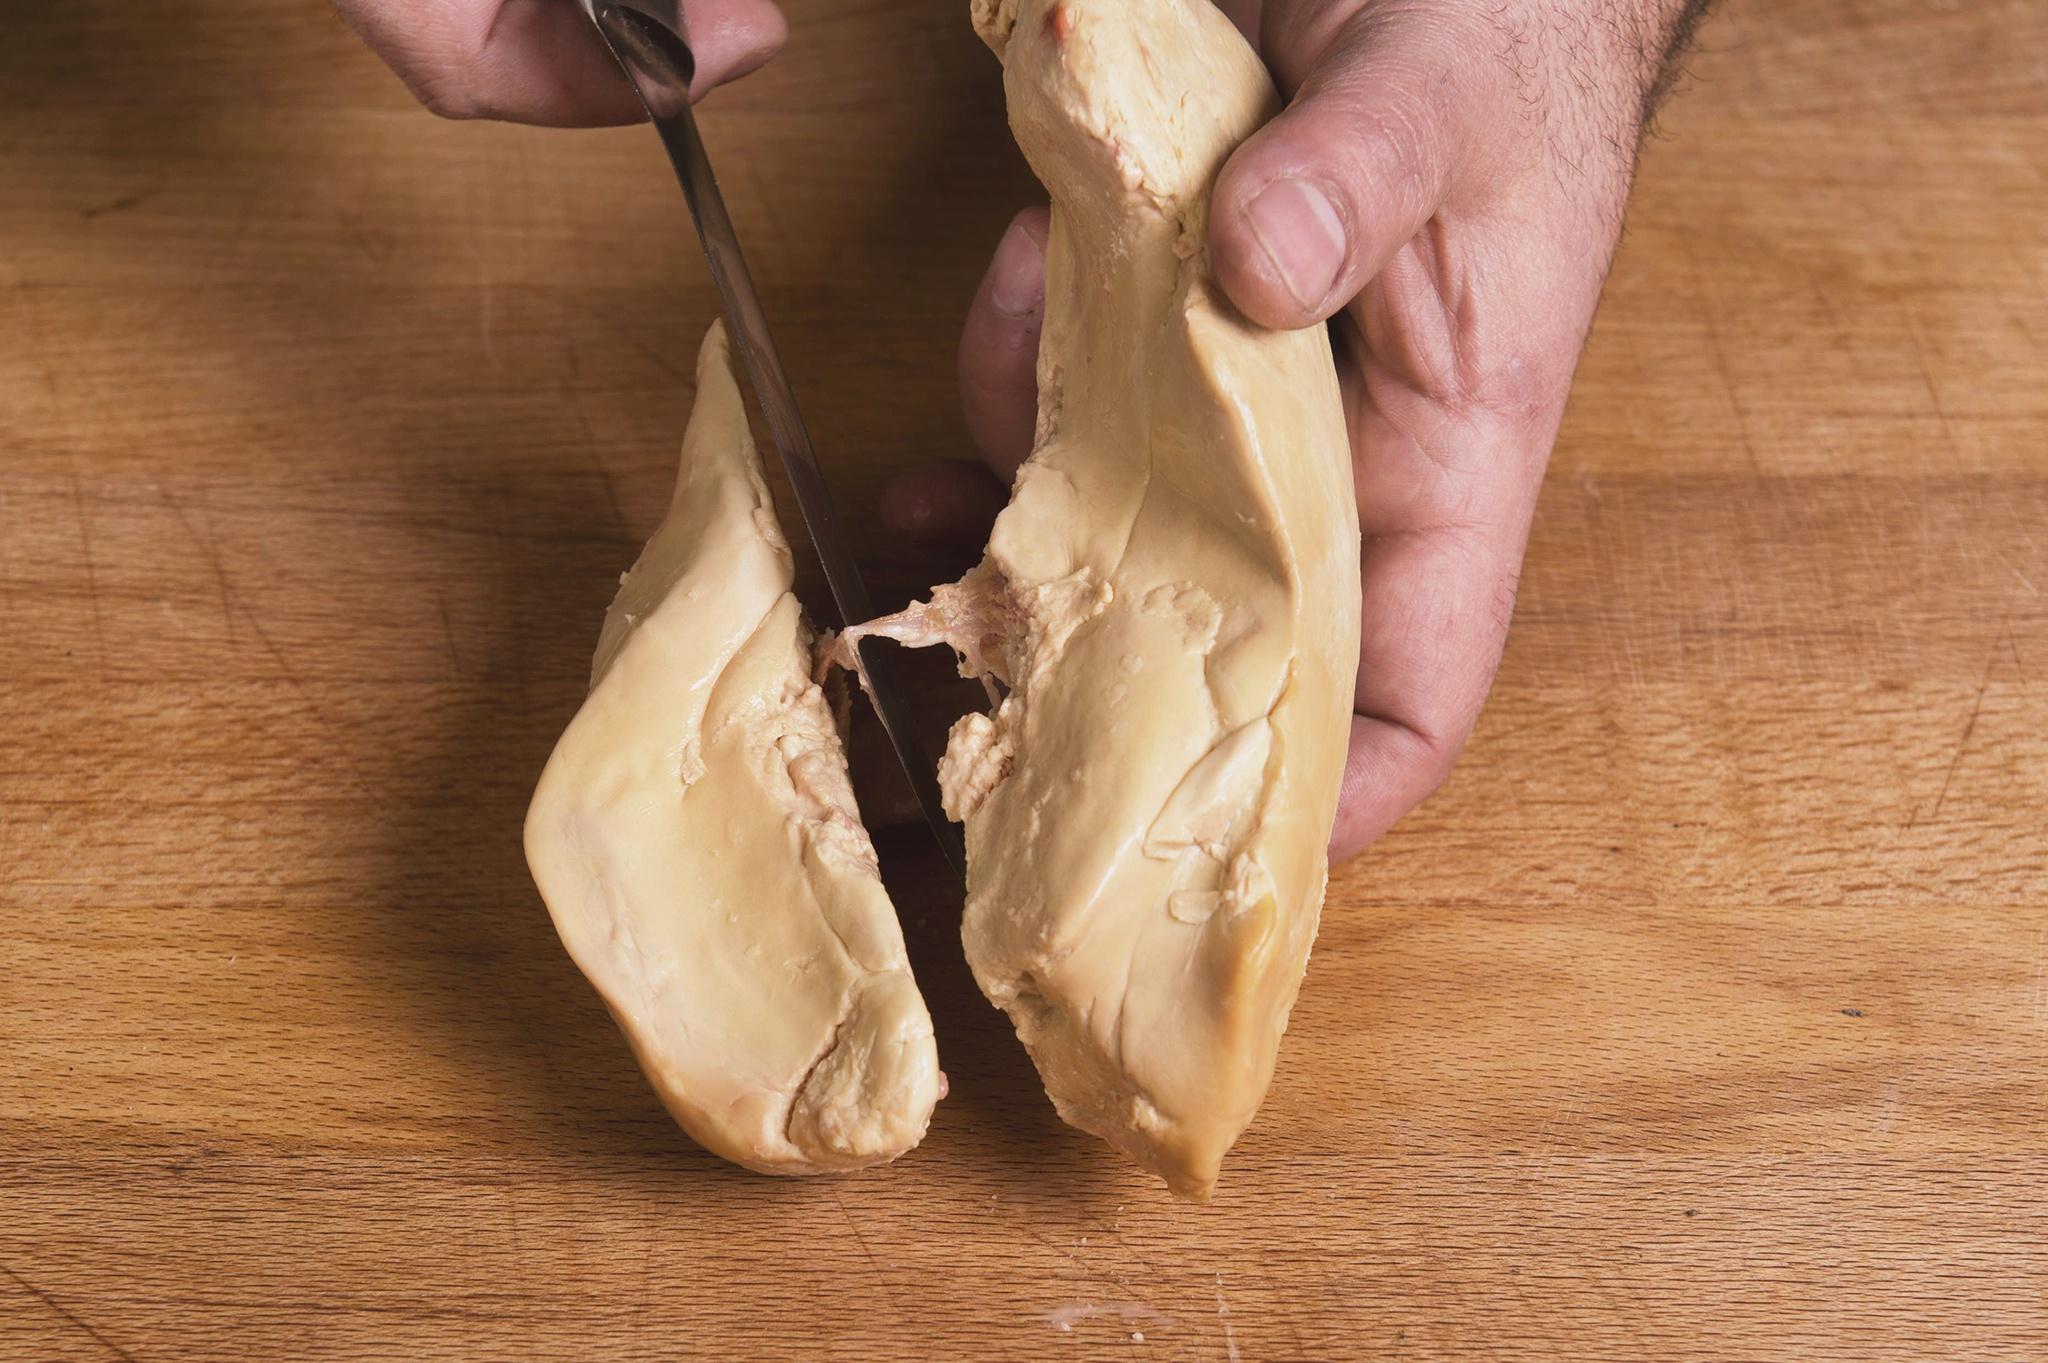 Come si cuoce il foie gras bbq all american skills italian style